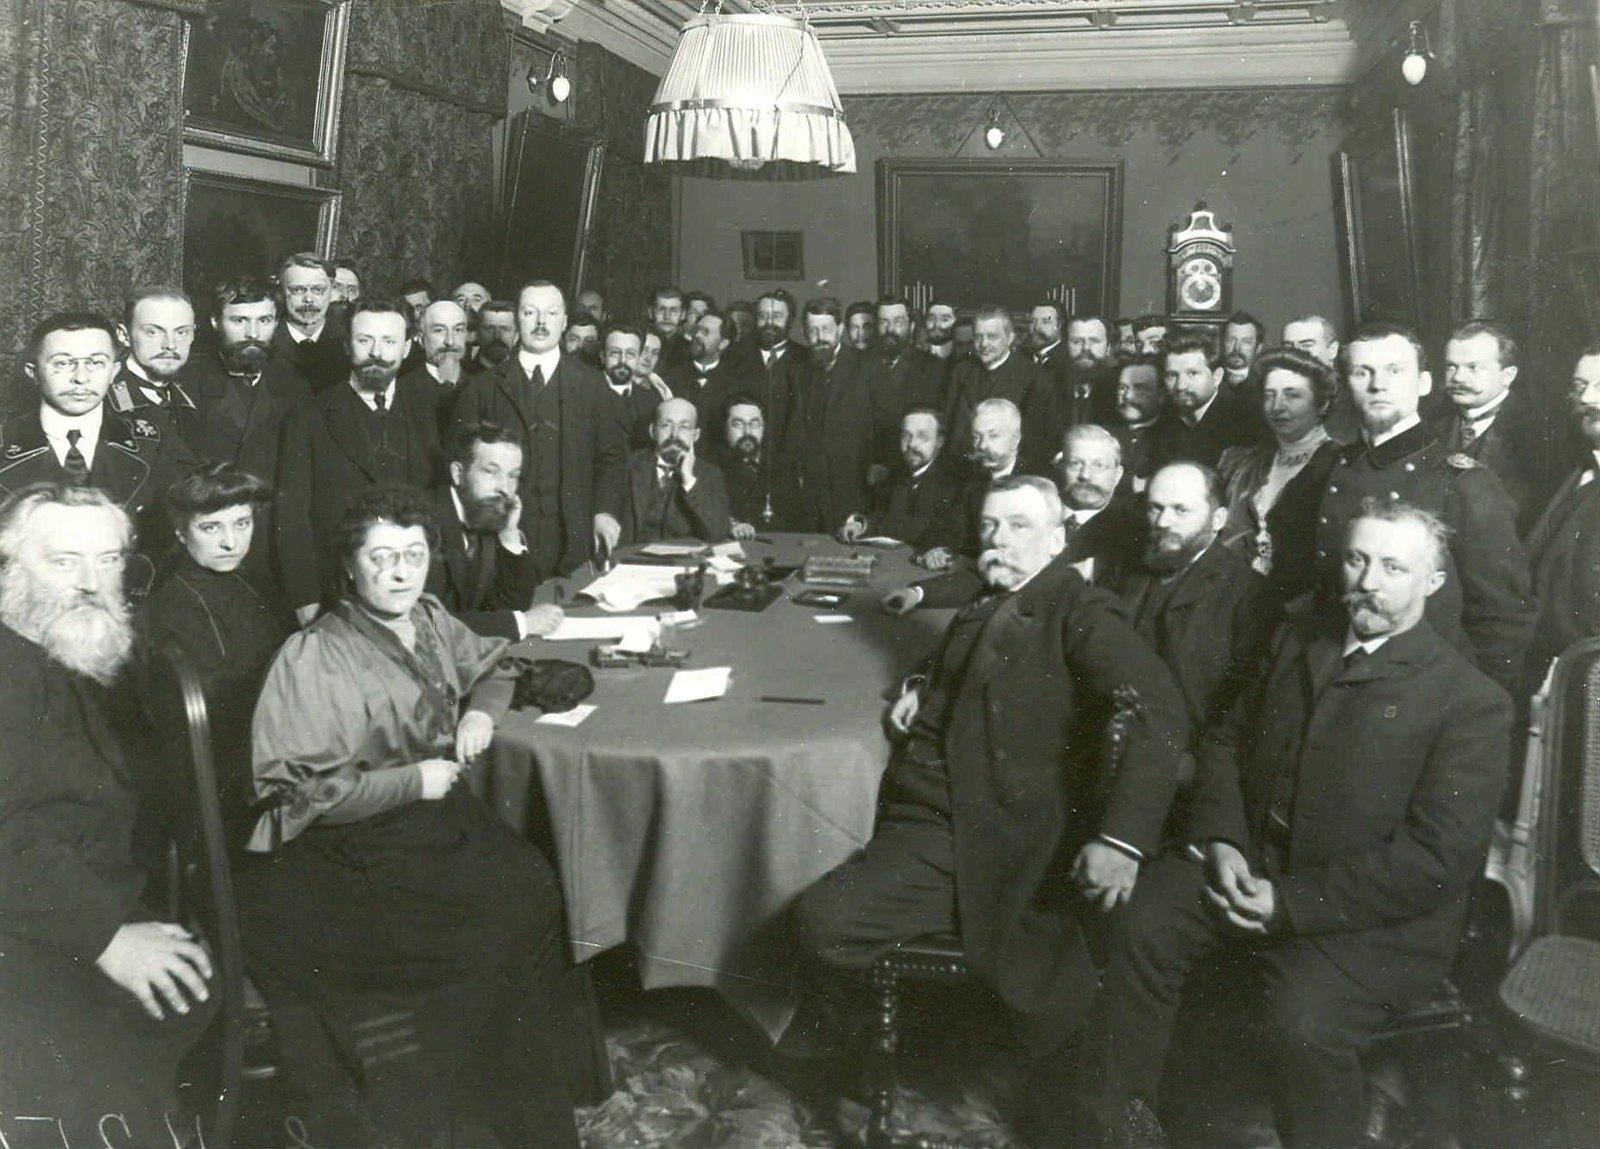 1907. Собрание актива Кадетской партии в доме В. Д. Набокова (Б. Морская ул., 47) накануне открытия Второй Государственной Думы